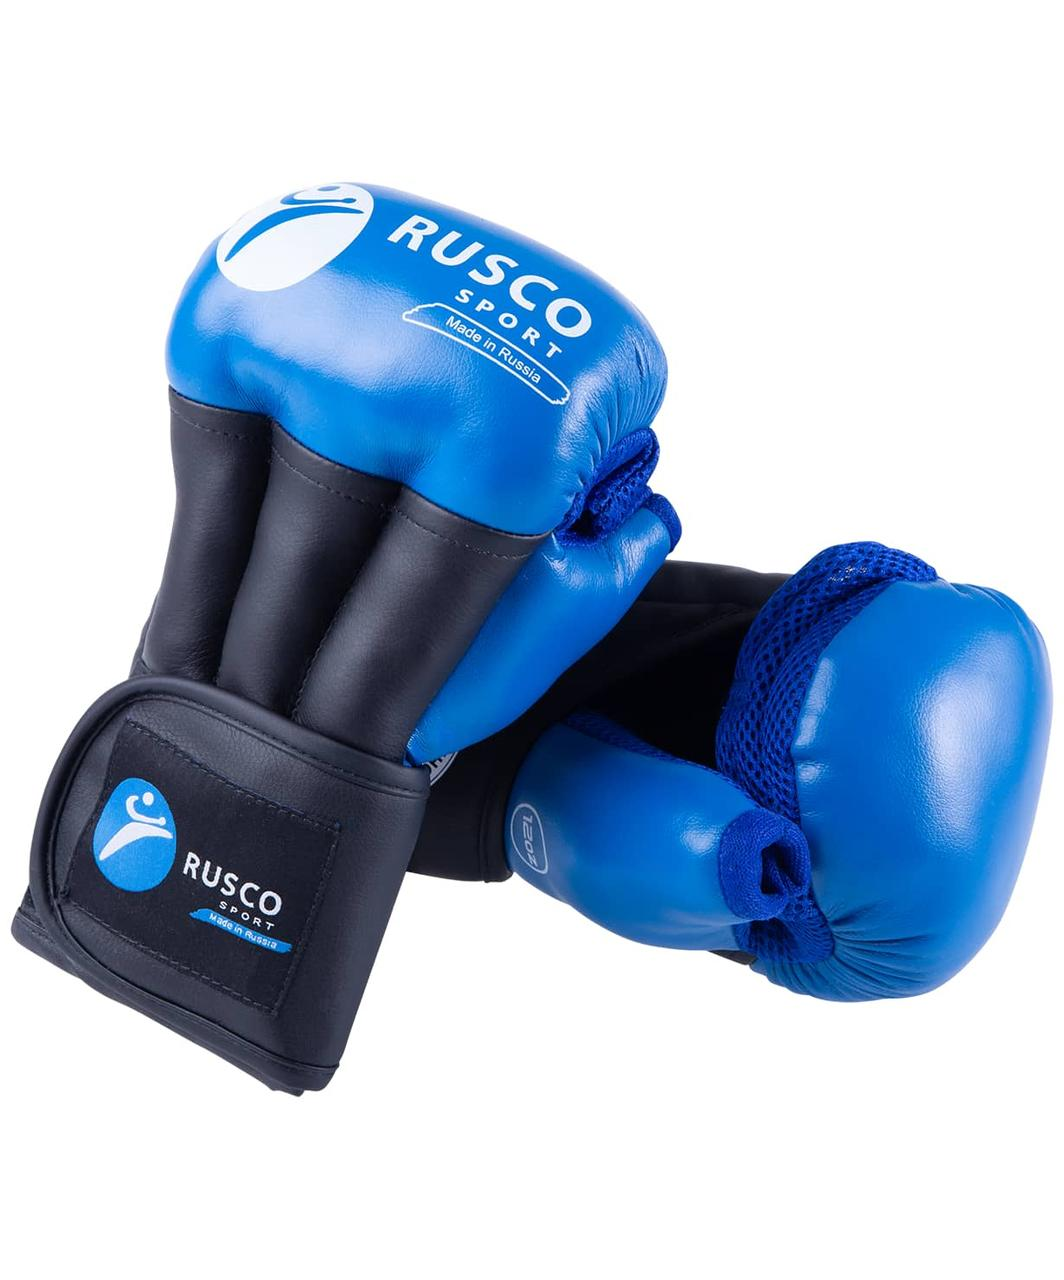 Перчатки для рукопашного боя PRO, к/з, синий Rusco